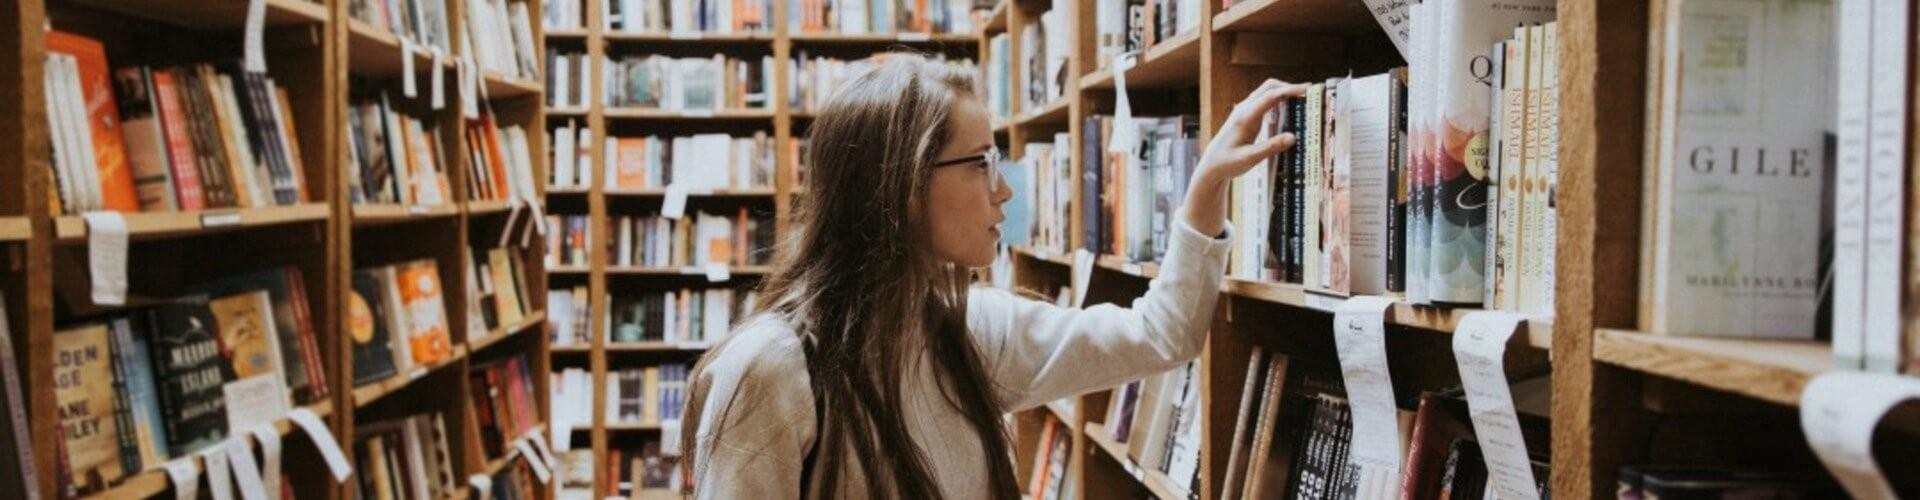 CV dla ucznia - Wzór życiorysu dla licealisty bez doświadczenia